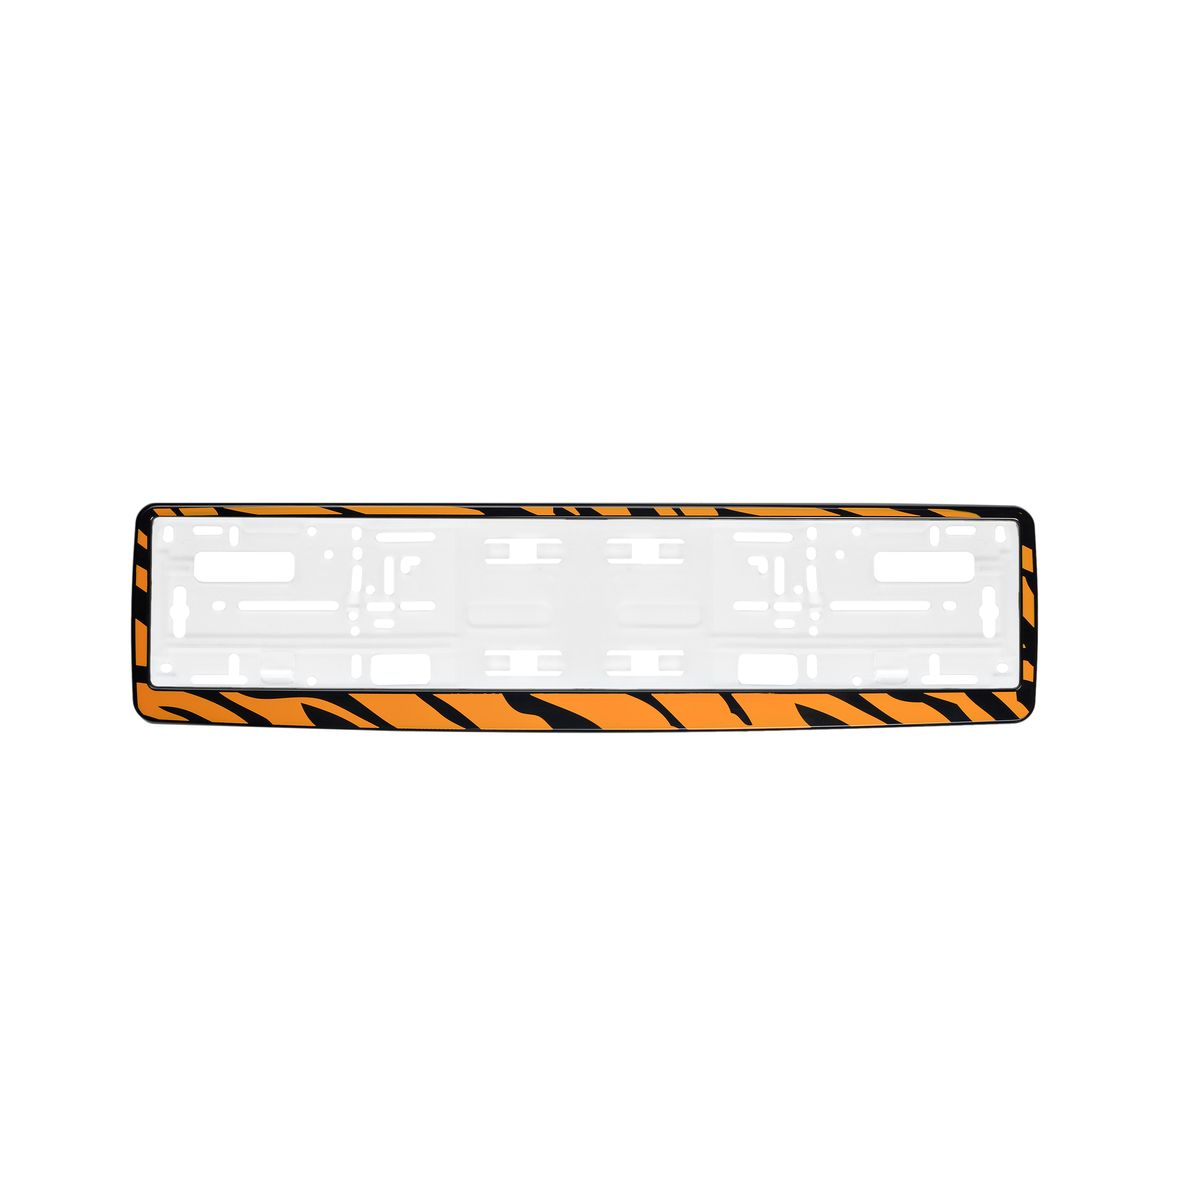 Рамка под номер Cat WomenЗ0000012452Рамка Cat Women не только закрепит регистрационный знак на вашем автомобиле, но и красиво его оформит. Основание рамки выполнено из полипропилена, материал лицевой панели - пластик.Она предназначена для крепления регистрационного знака российского и европейского образца, декорирована орнаментом. Устанавливается на все типы автомобилей. Крепления в комплект не входят.Стильный дизайн идеально впишется в экстерьер вашего автомобиля.Размер рамки: 53,5 см х 13,5 см. Размер регистрационного знака: 52,5 см х 11,5 см.